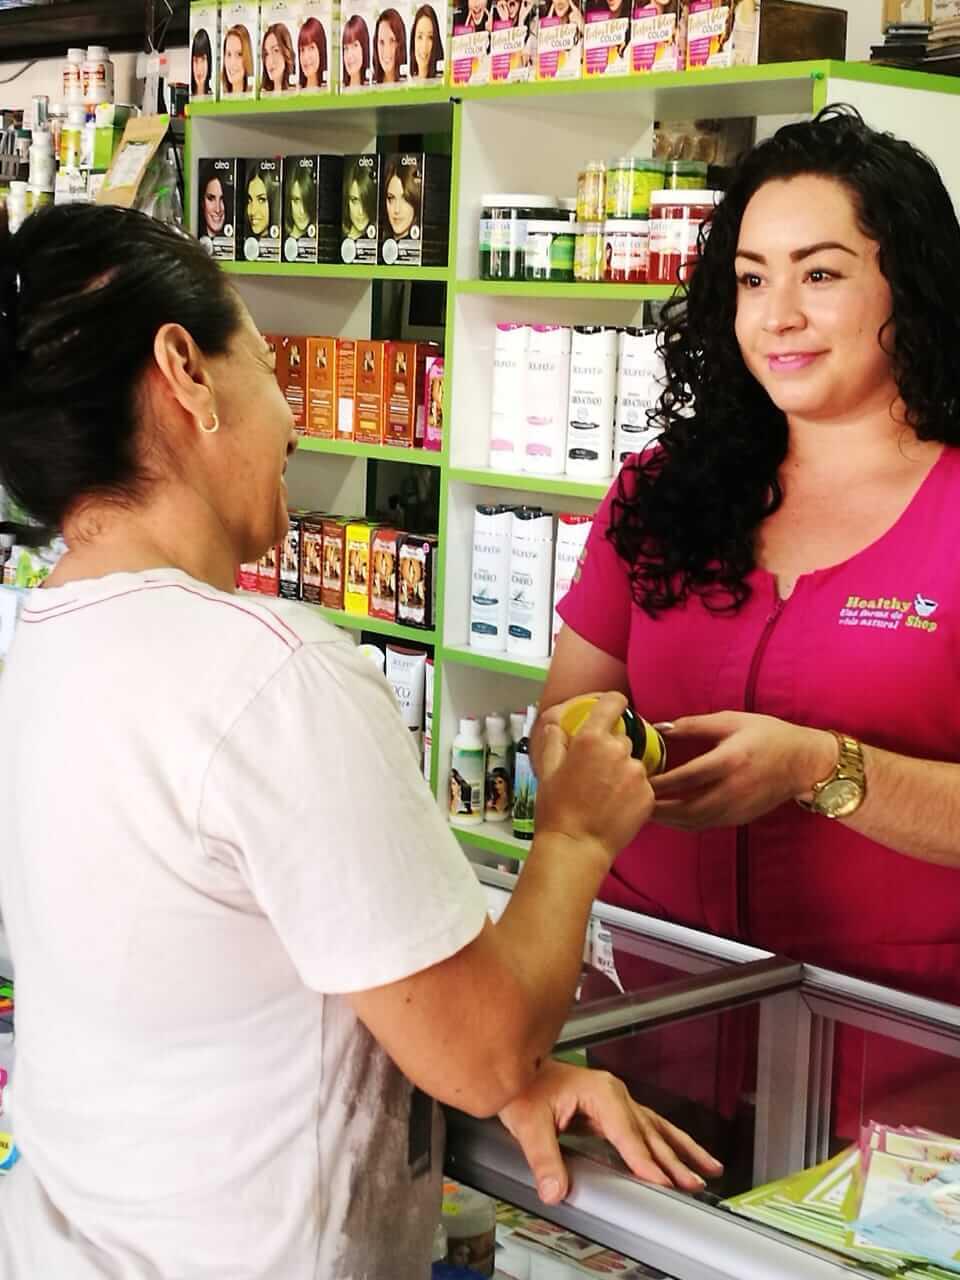 Macrobiótica Healthy Shop. Atendiendo a un cliente.